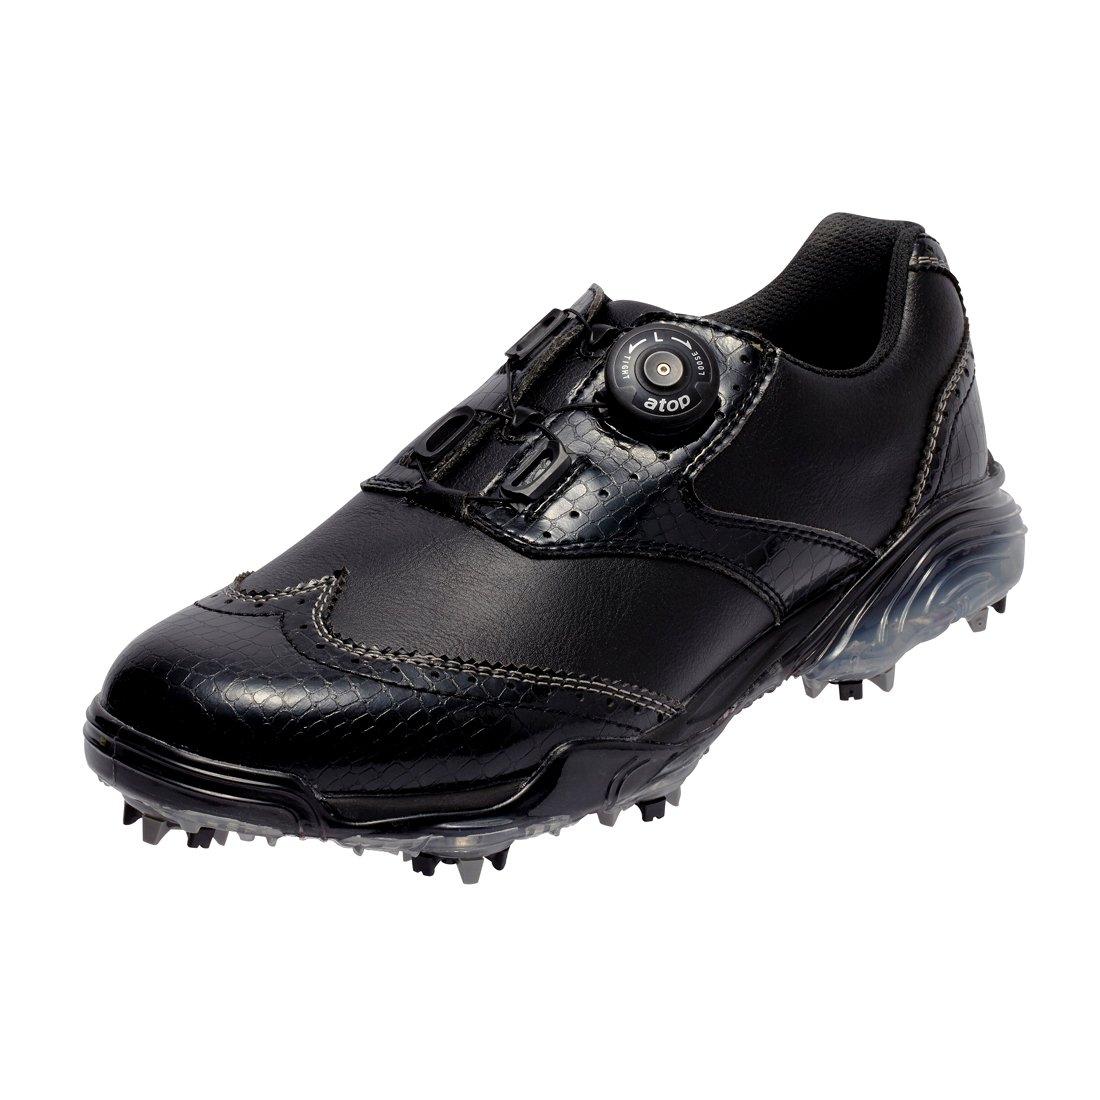 本間ゴルフ HONMA メンズ ウィングチップ ダイヤルシューズ ブラック/ブラック 26cm 3E SS-1603 原産国:中国 素材:甲(人工皮革)、底(EVAスポンジ/TPU)   B077N8M2FG